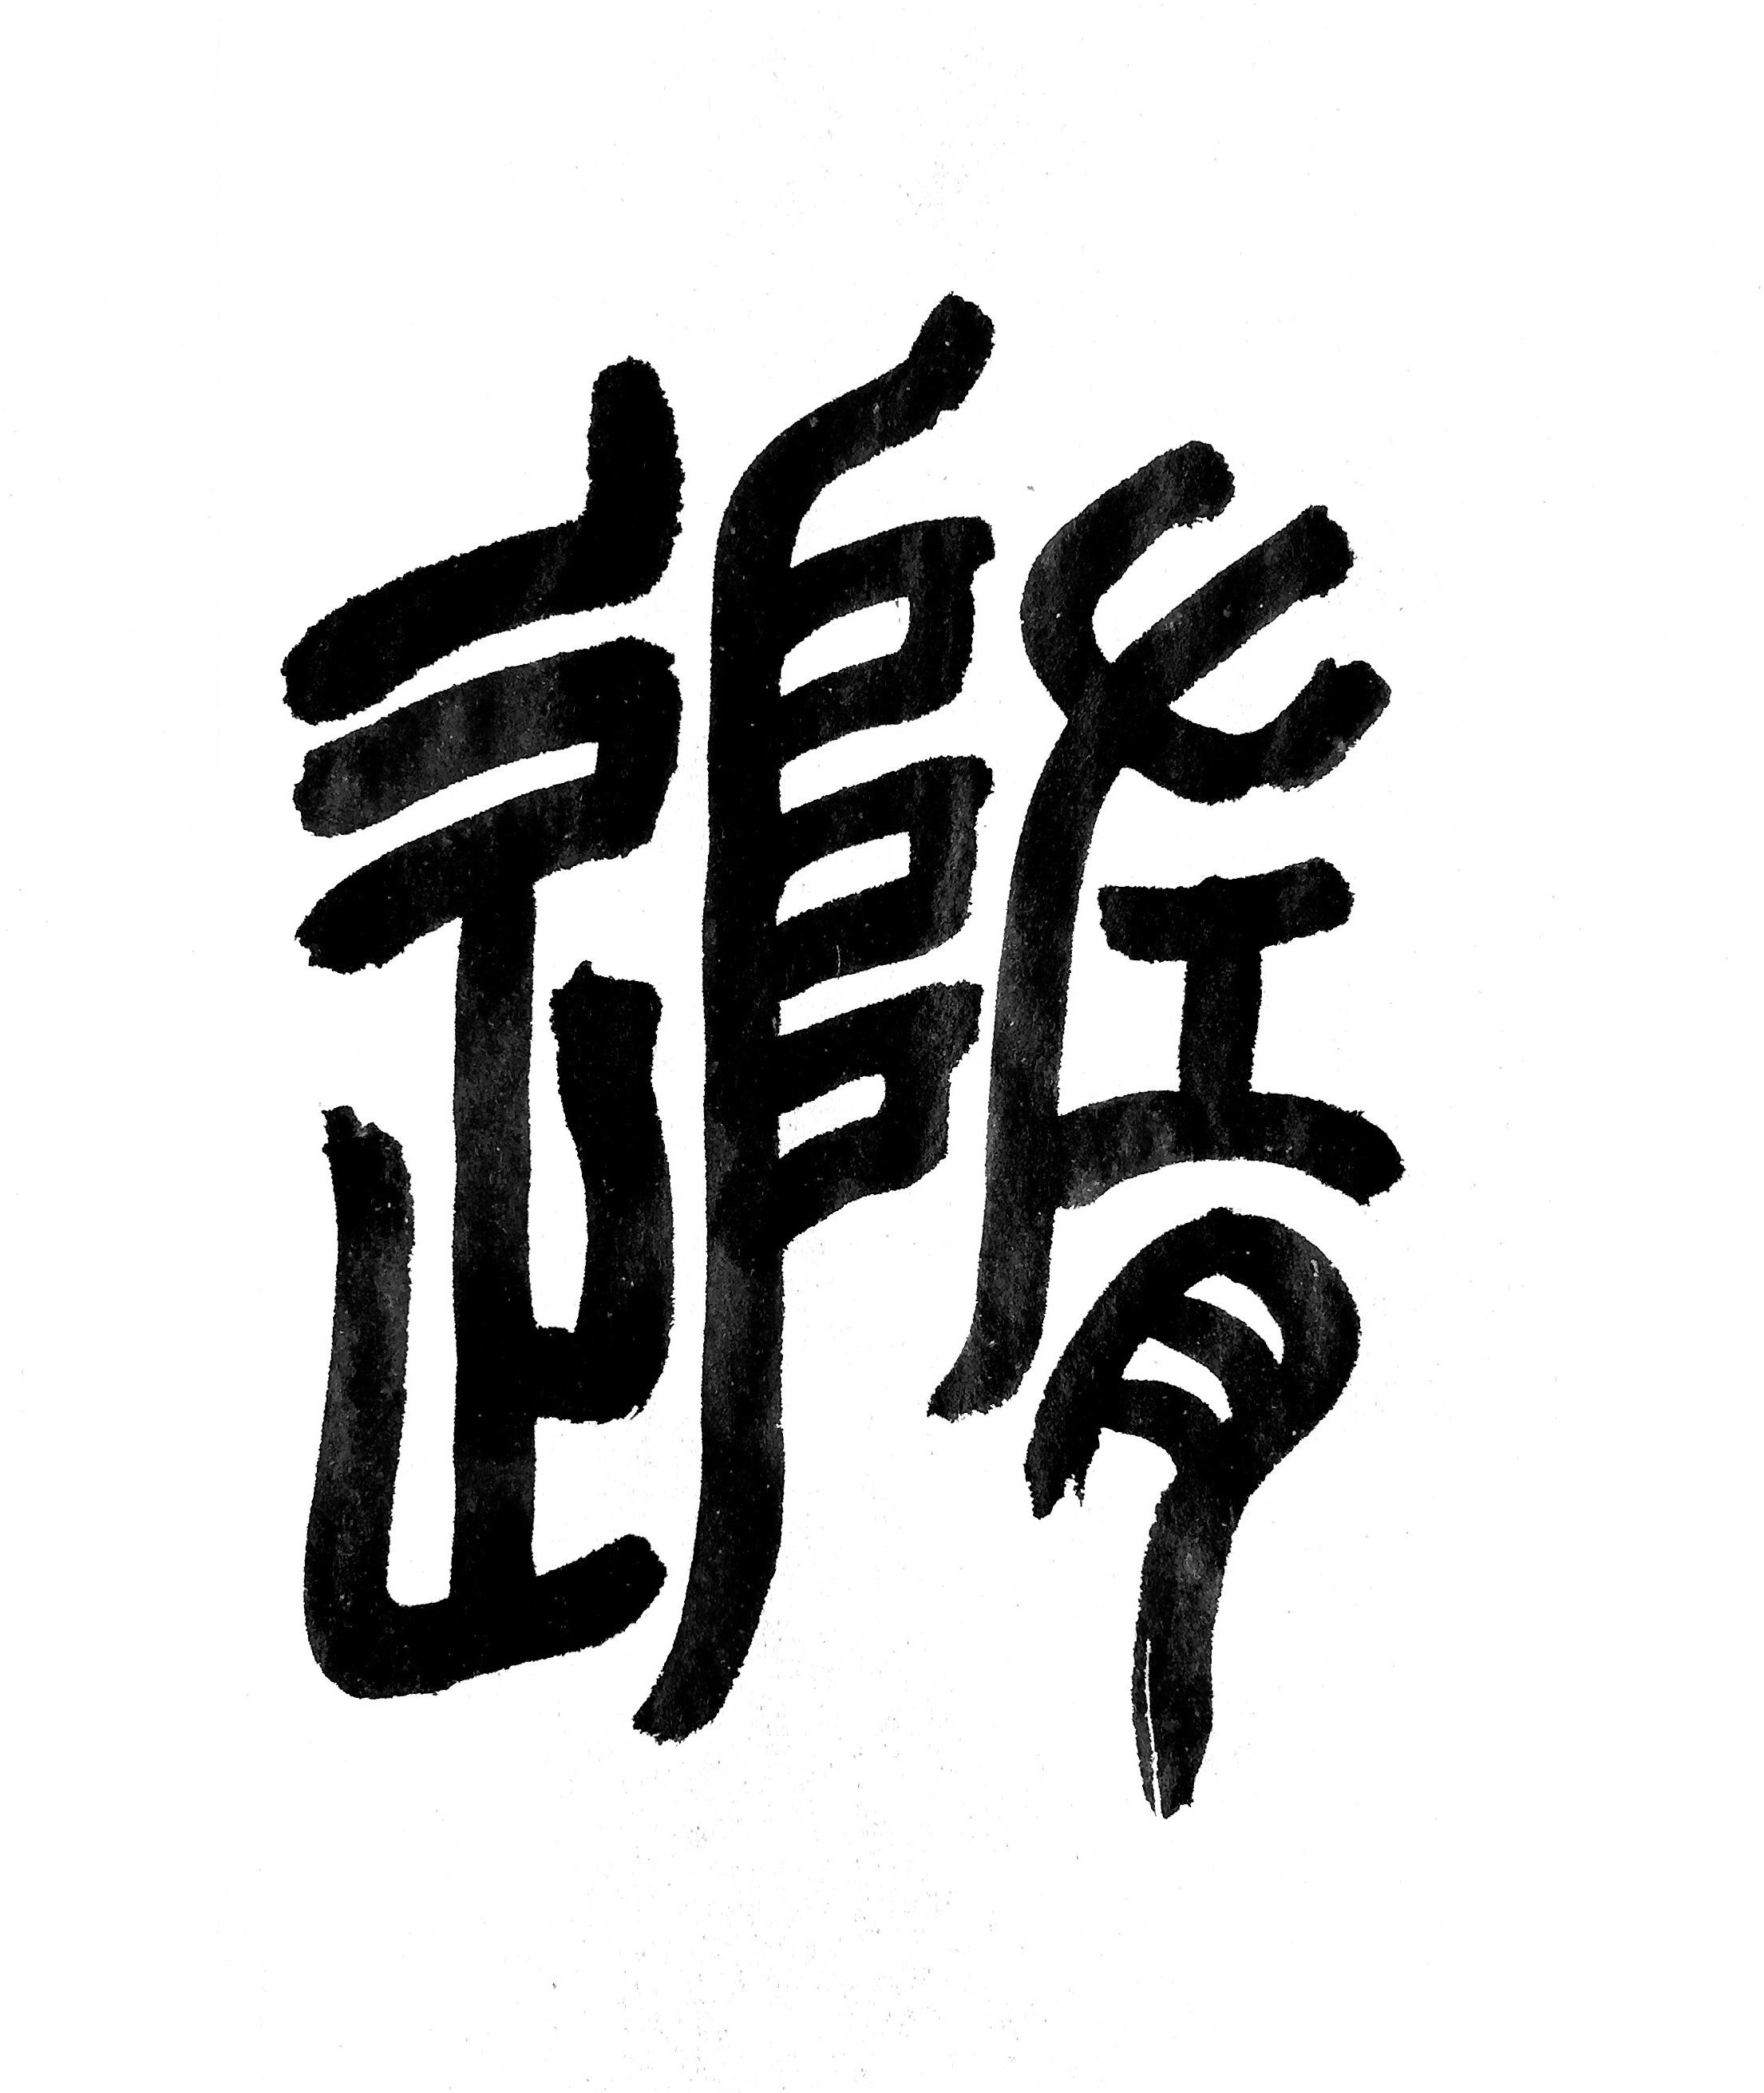 I Ching esagramma 17 sui zhuan